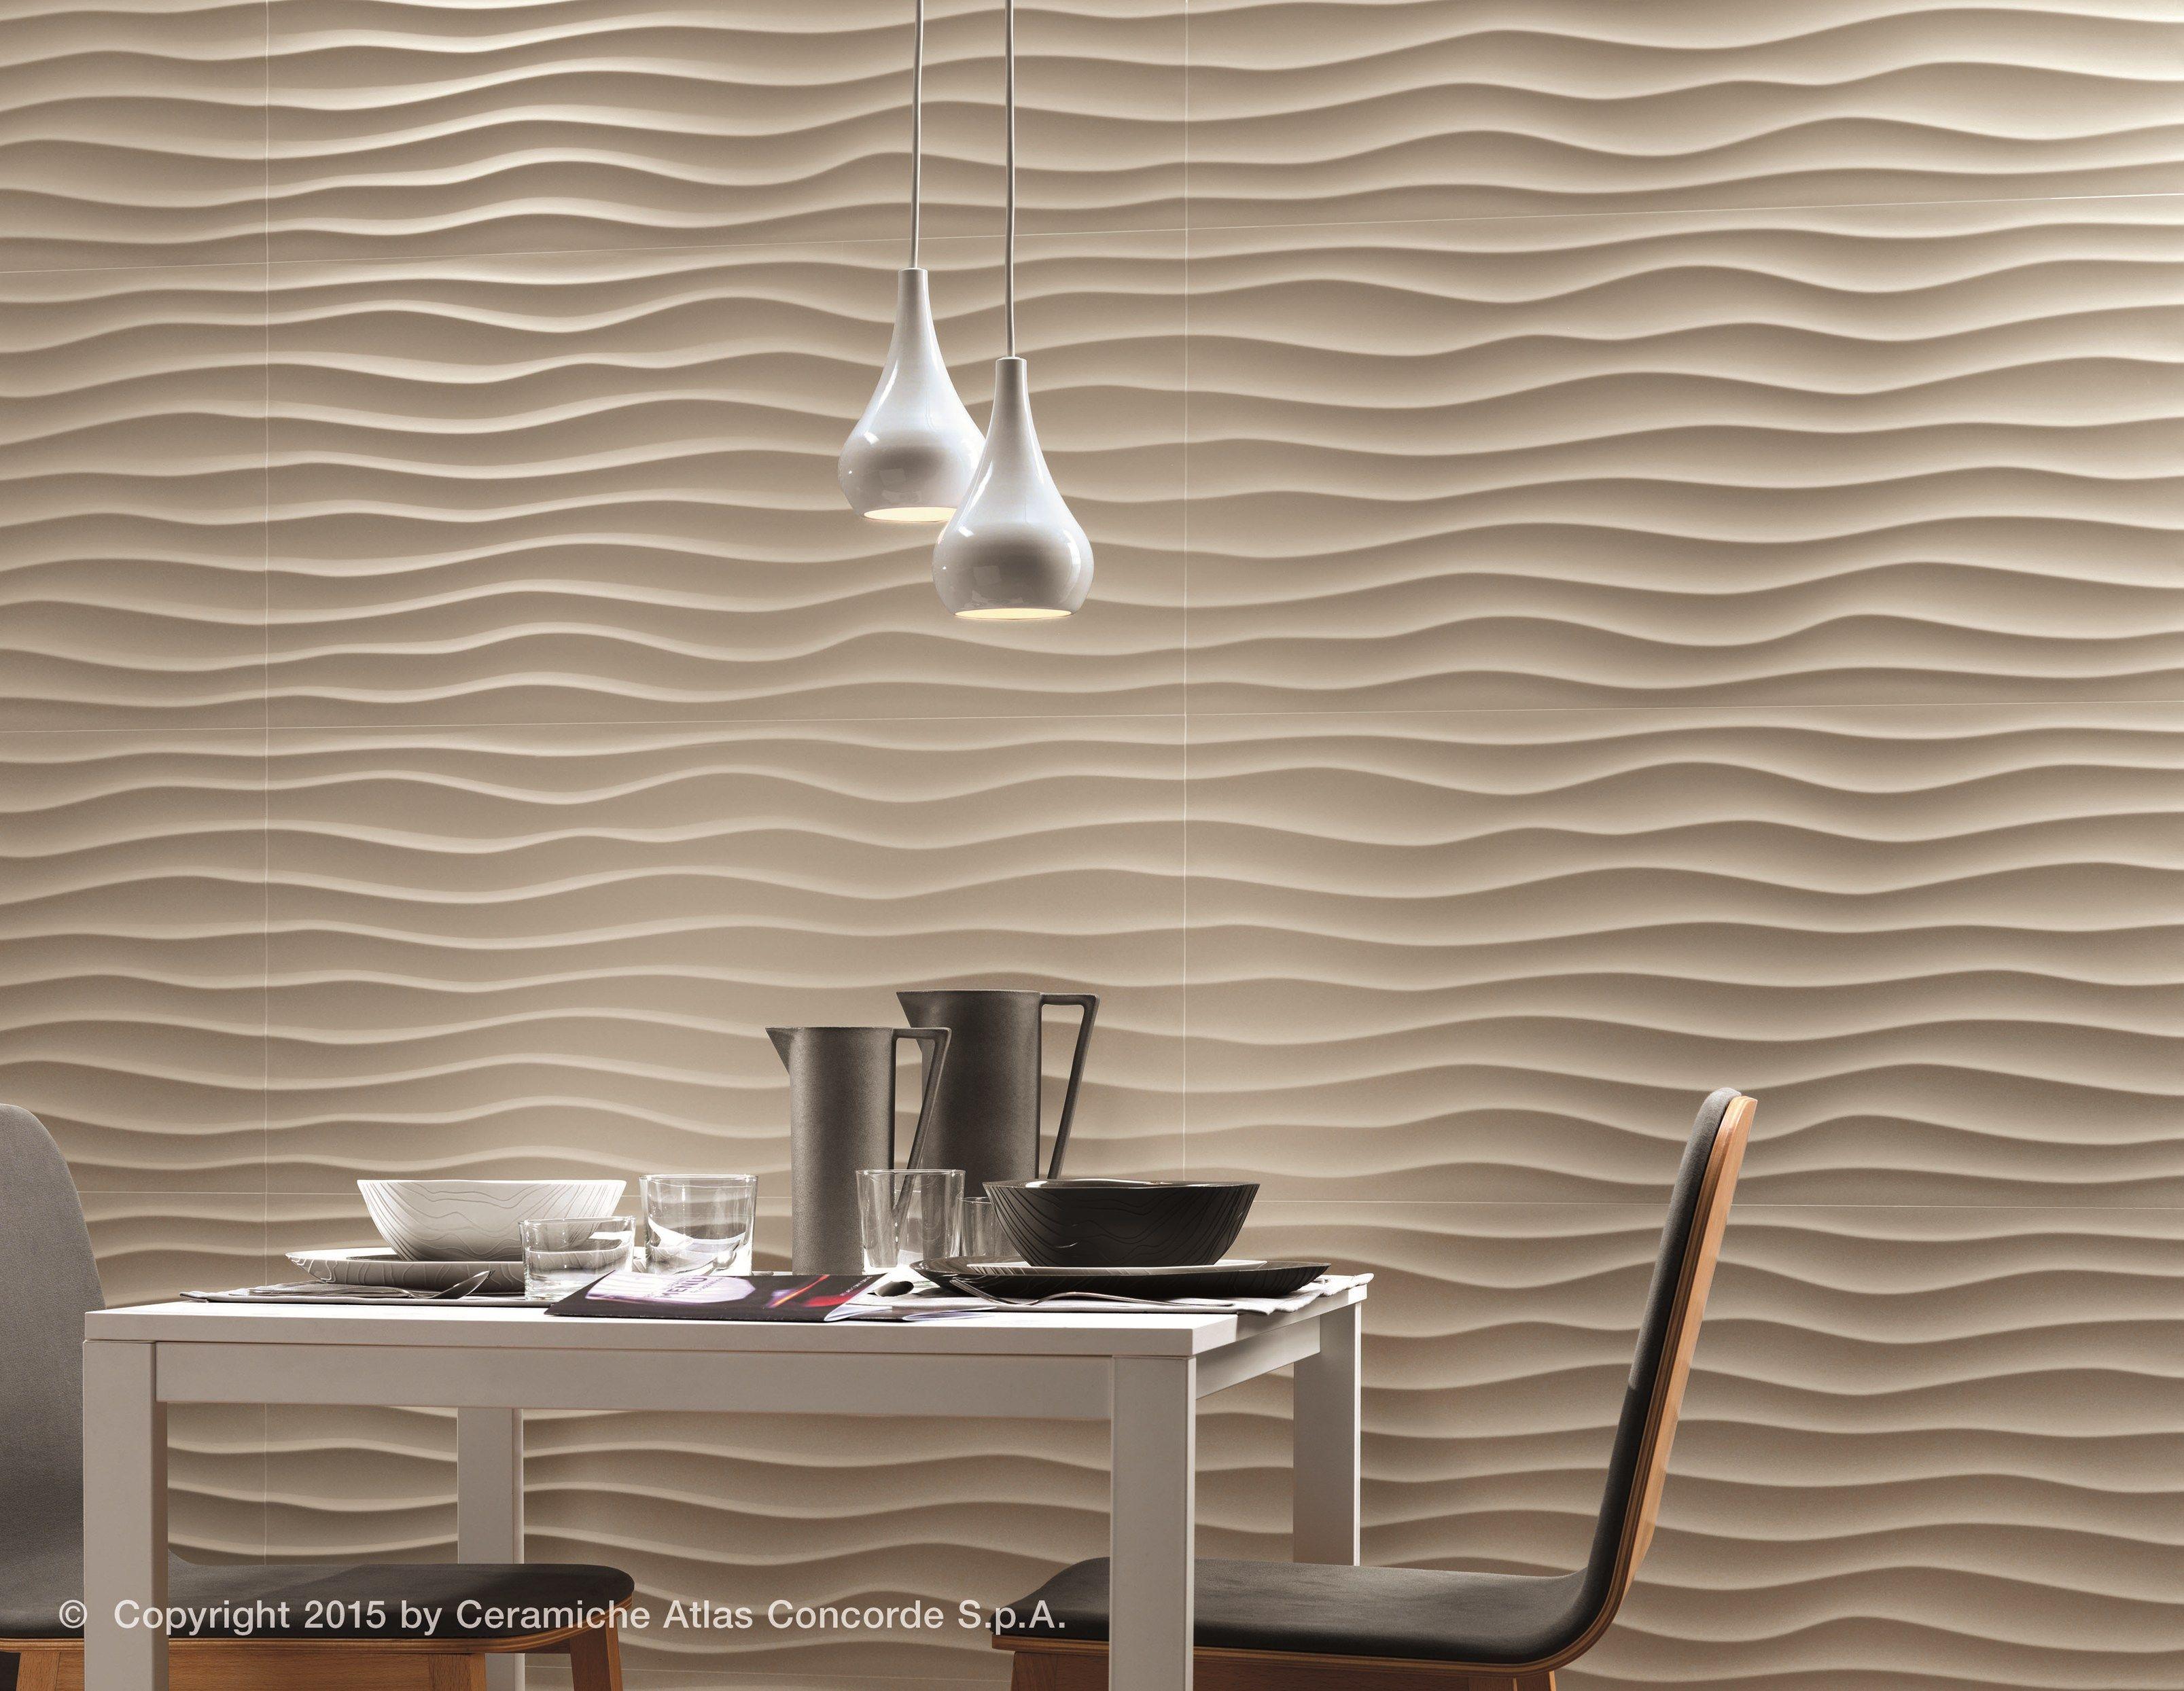 3D Wandverkleidung Aus Weißscherbige Keramik DUNE By Atlas Concorde |  Wohnideen | Pinterest | Concorde Nice Look